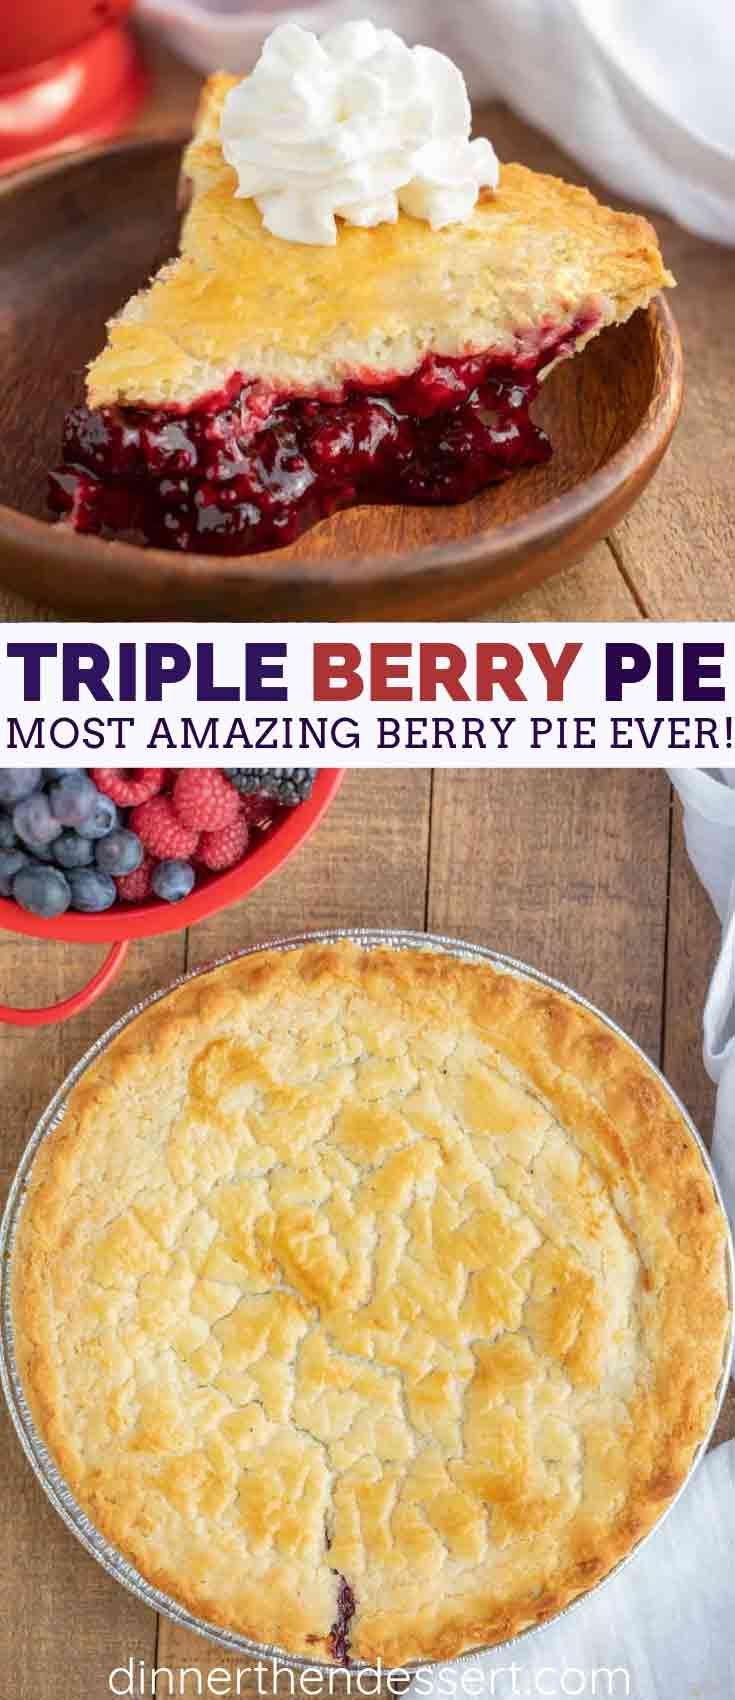 Mixed Berry Pie - Dinner, then Dessert